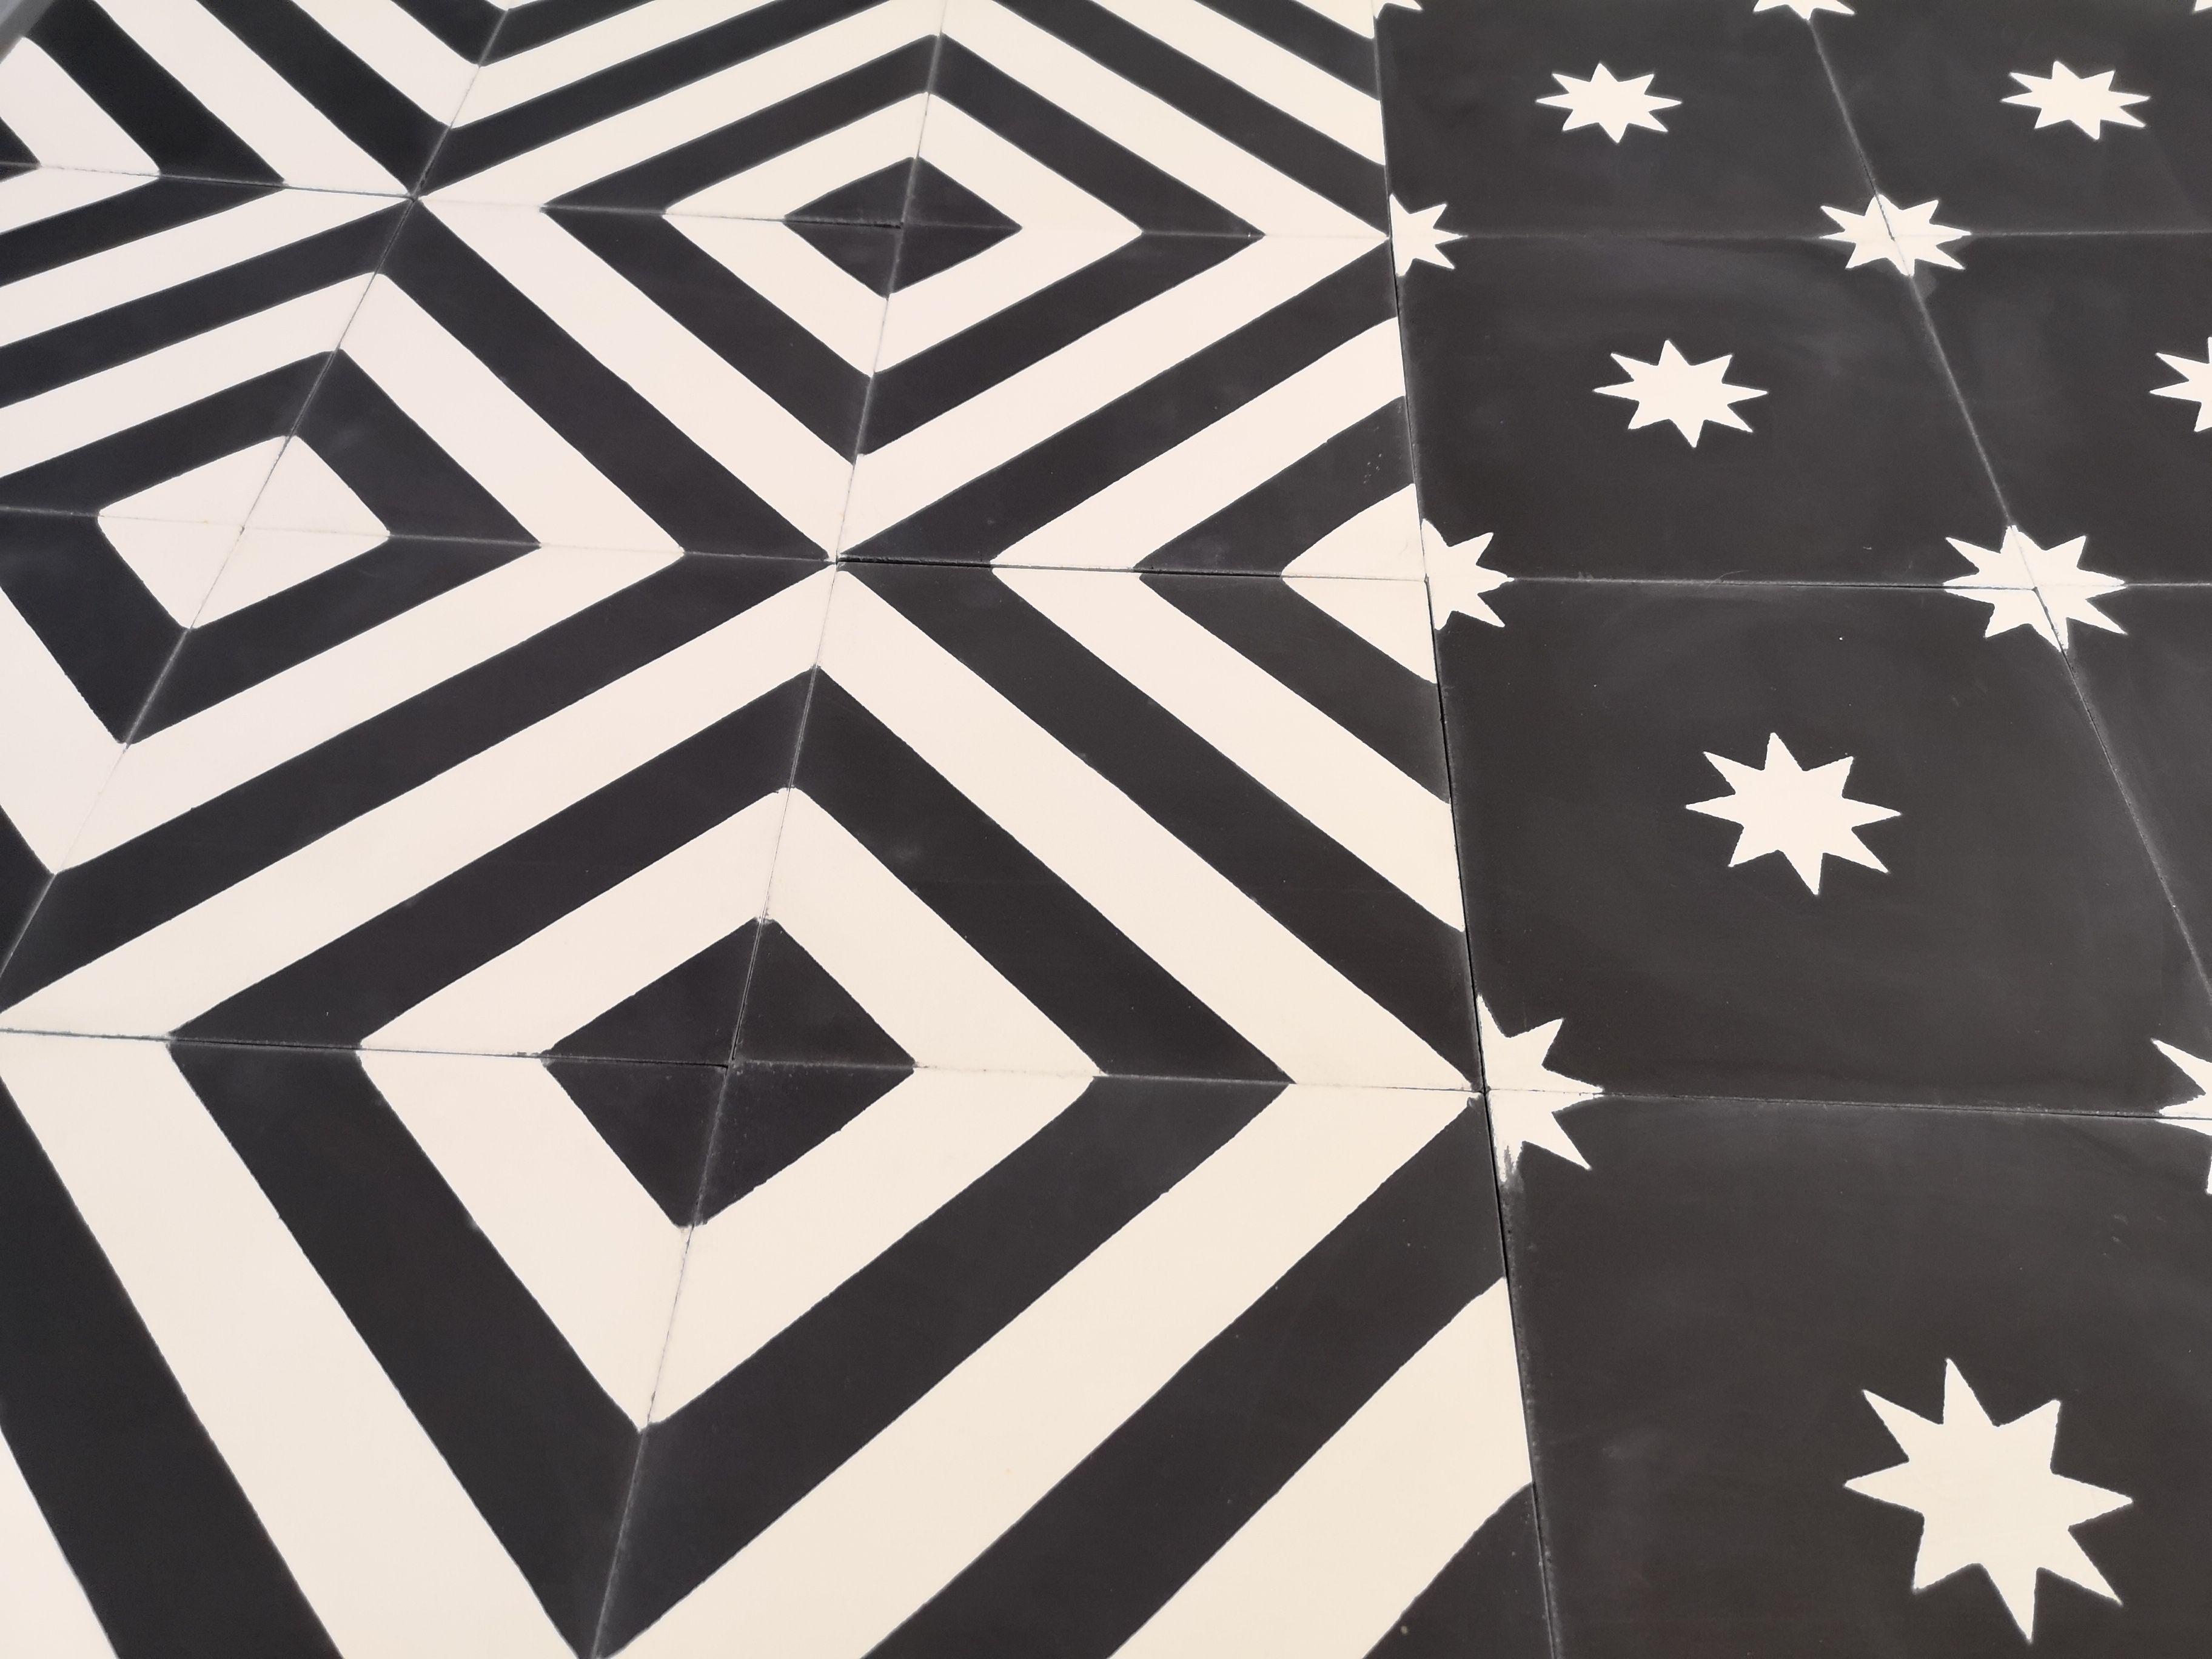 Carreaux De Ciment Noir Et Blanc Pour Donner Du Caractere A Vos